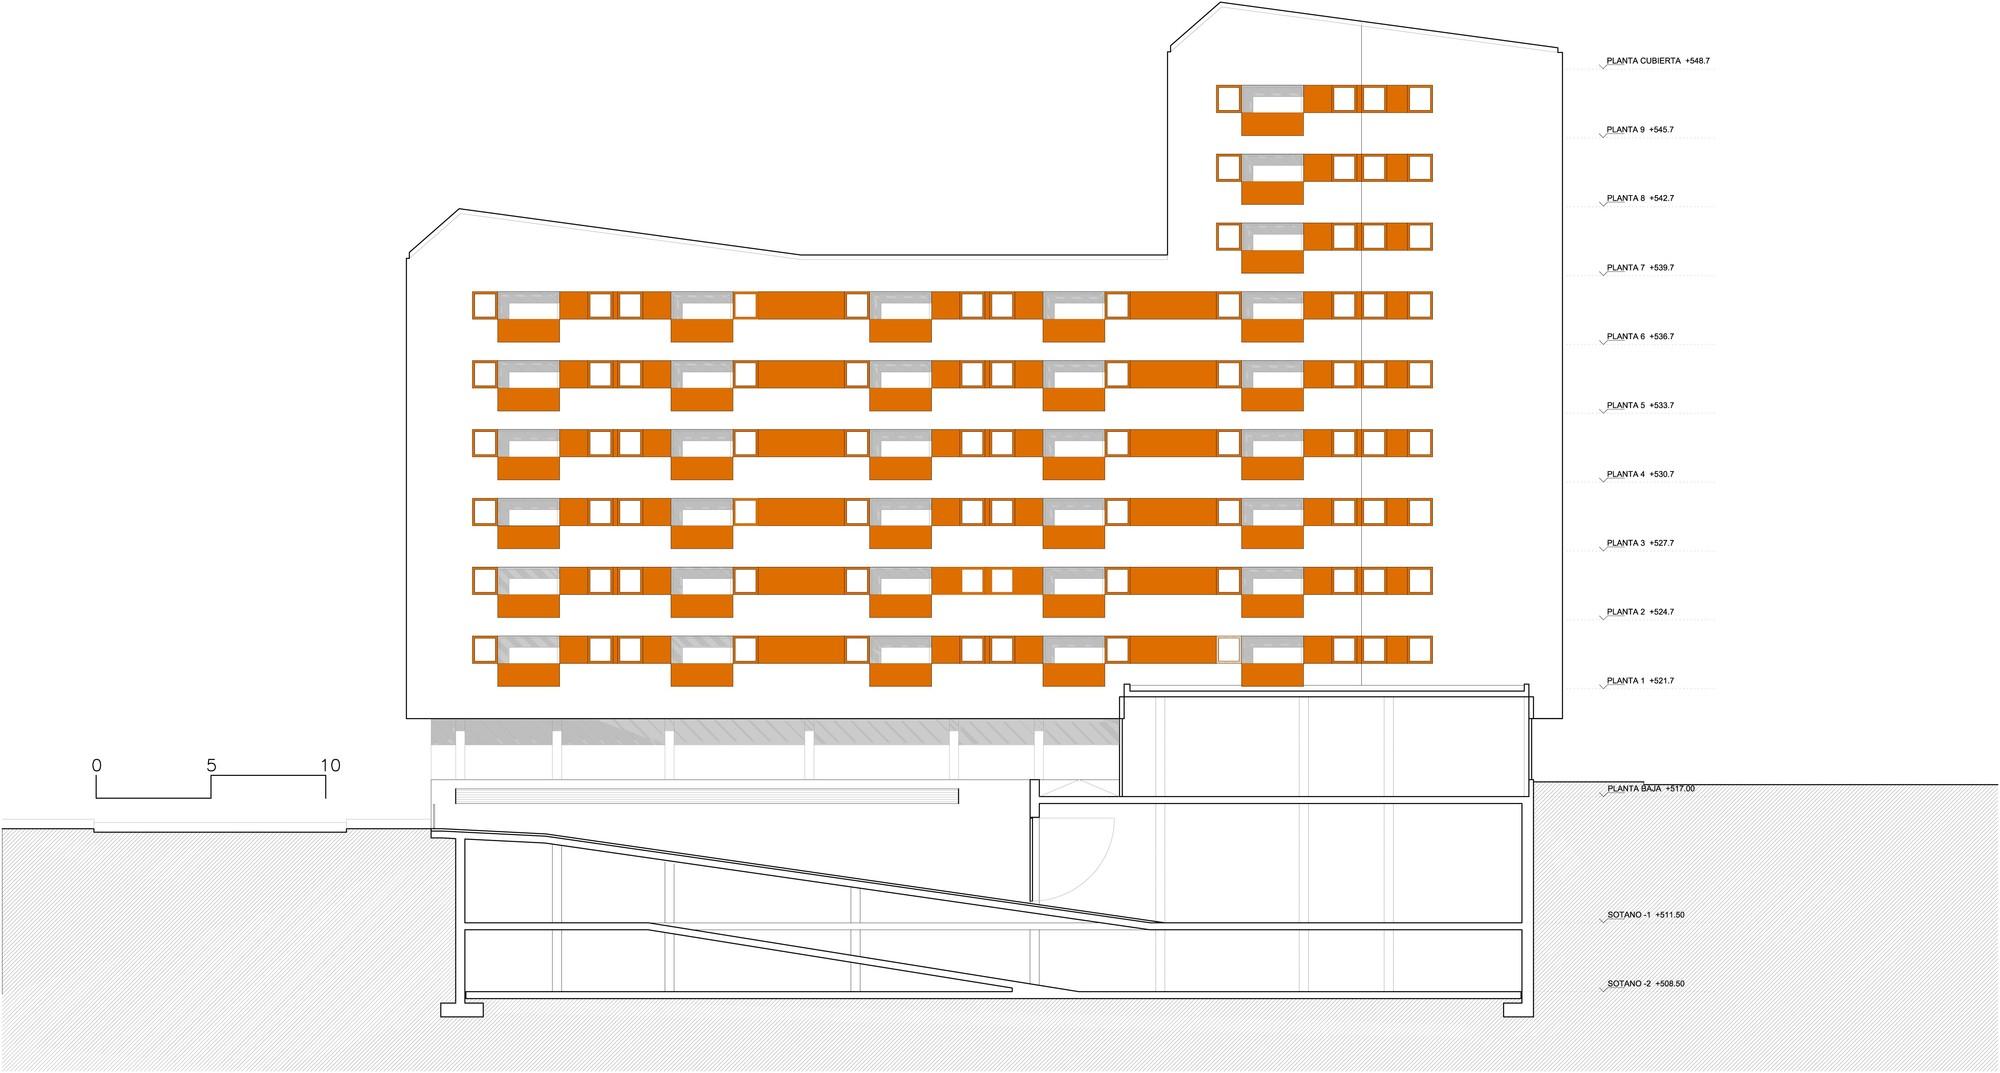 Galer a de nuevo grupo de viviendas de protecci n oficial en vitoria gasteiz acxt arquitectos 30 - Arquitectos en vitoria ...